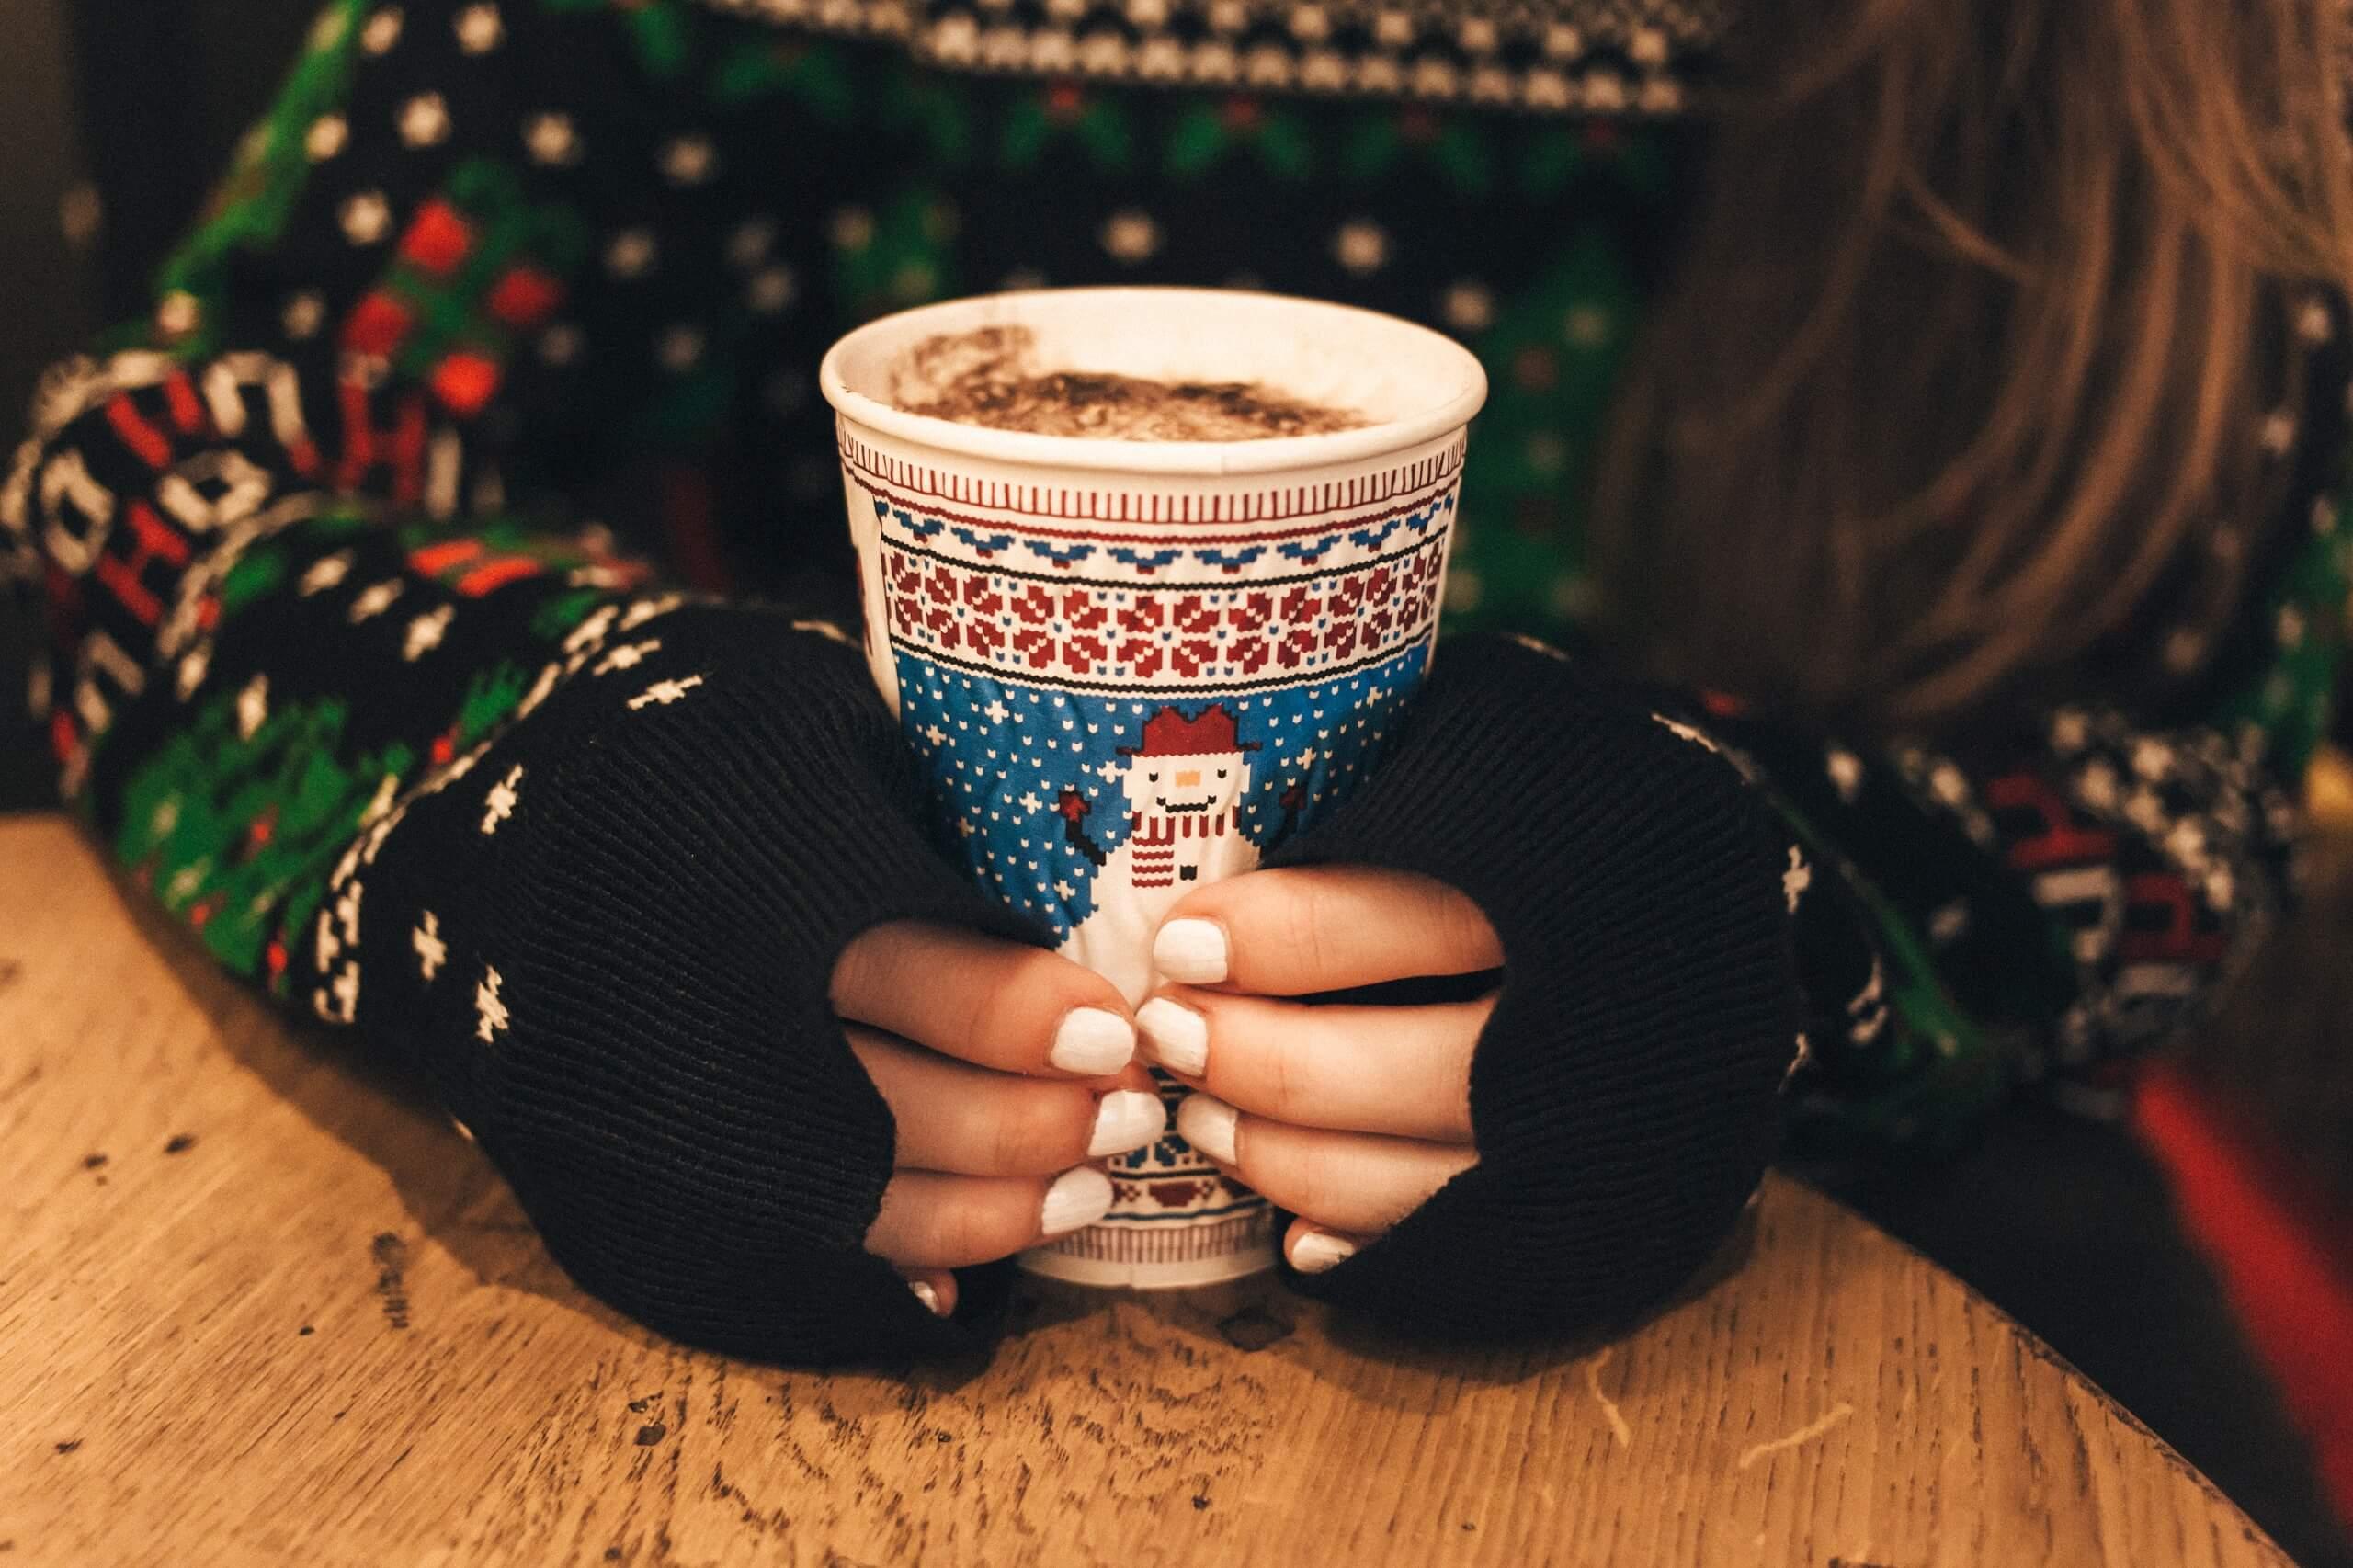 Снимка на коледна чаша със снежен човек, обхваната от женски ръце